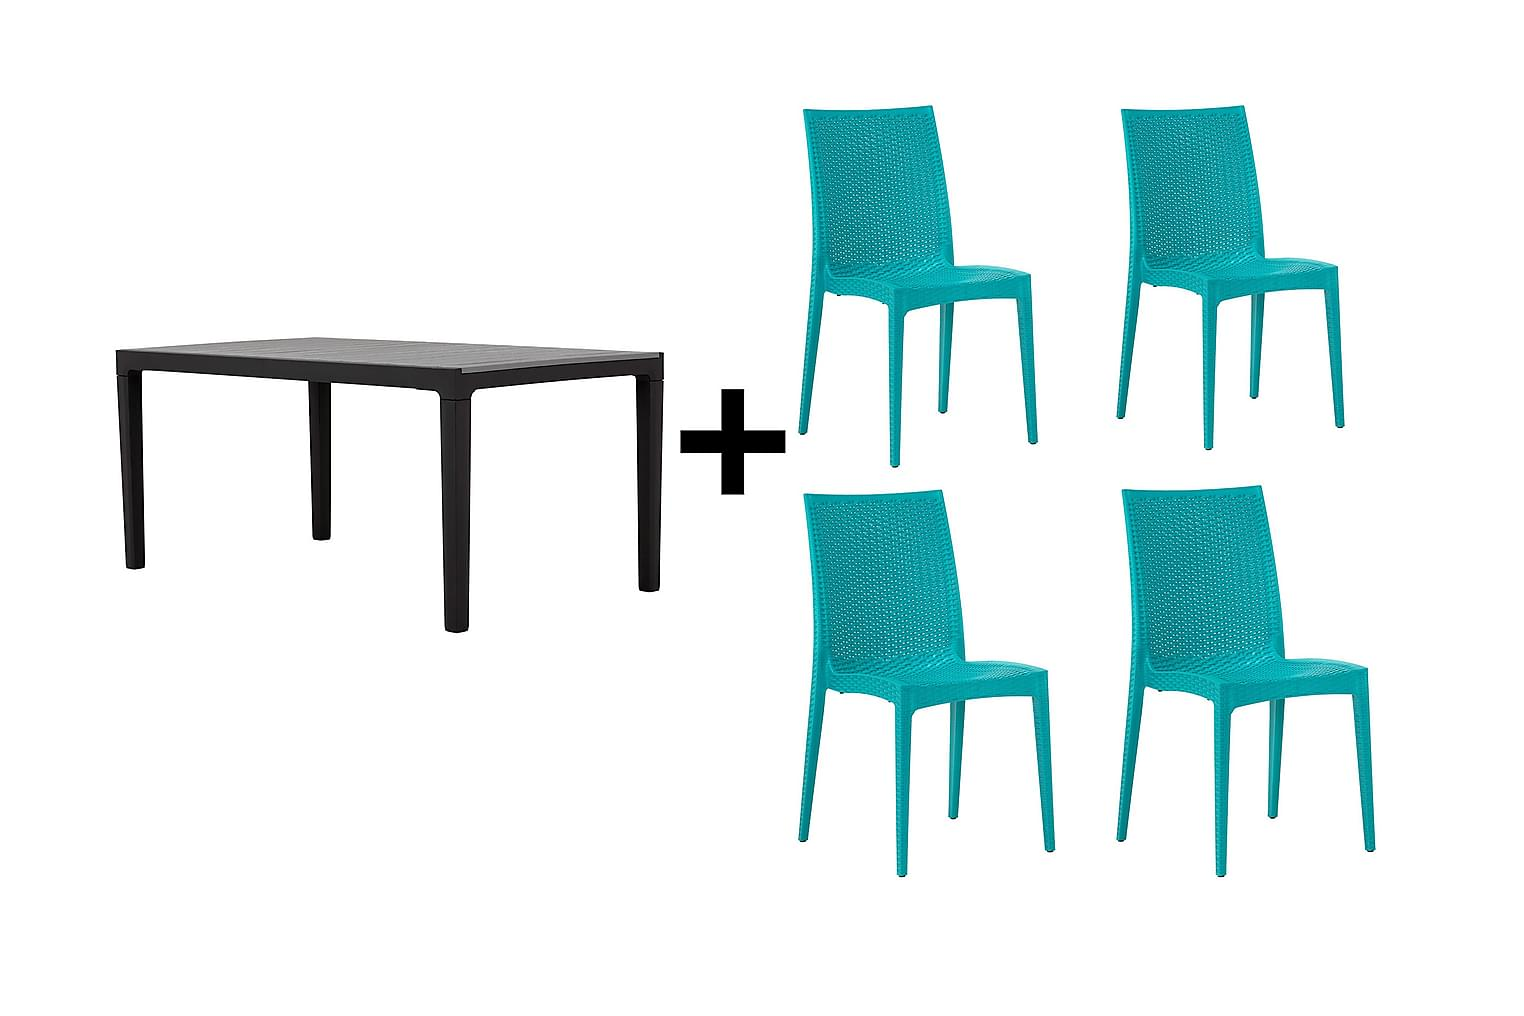 BILBAO Pöytä 160 Harmaa/Musta + 4 LEORA Tuolia Turkoosi